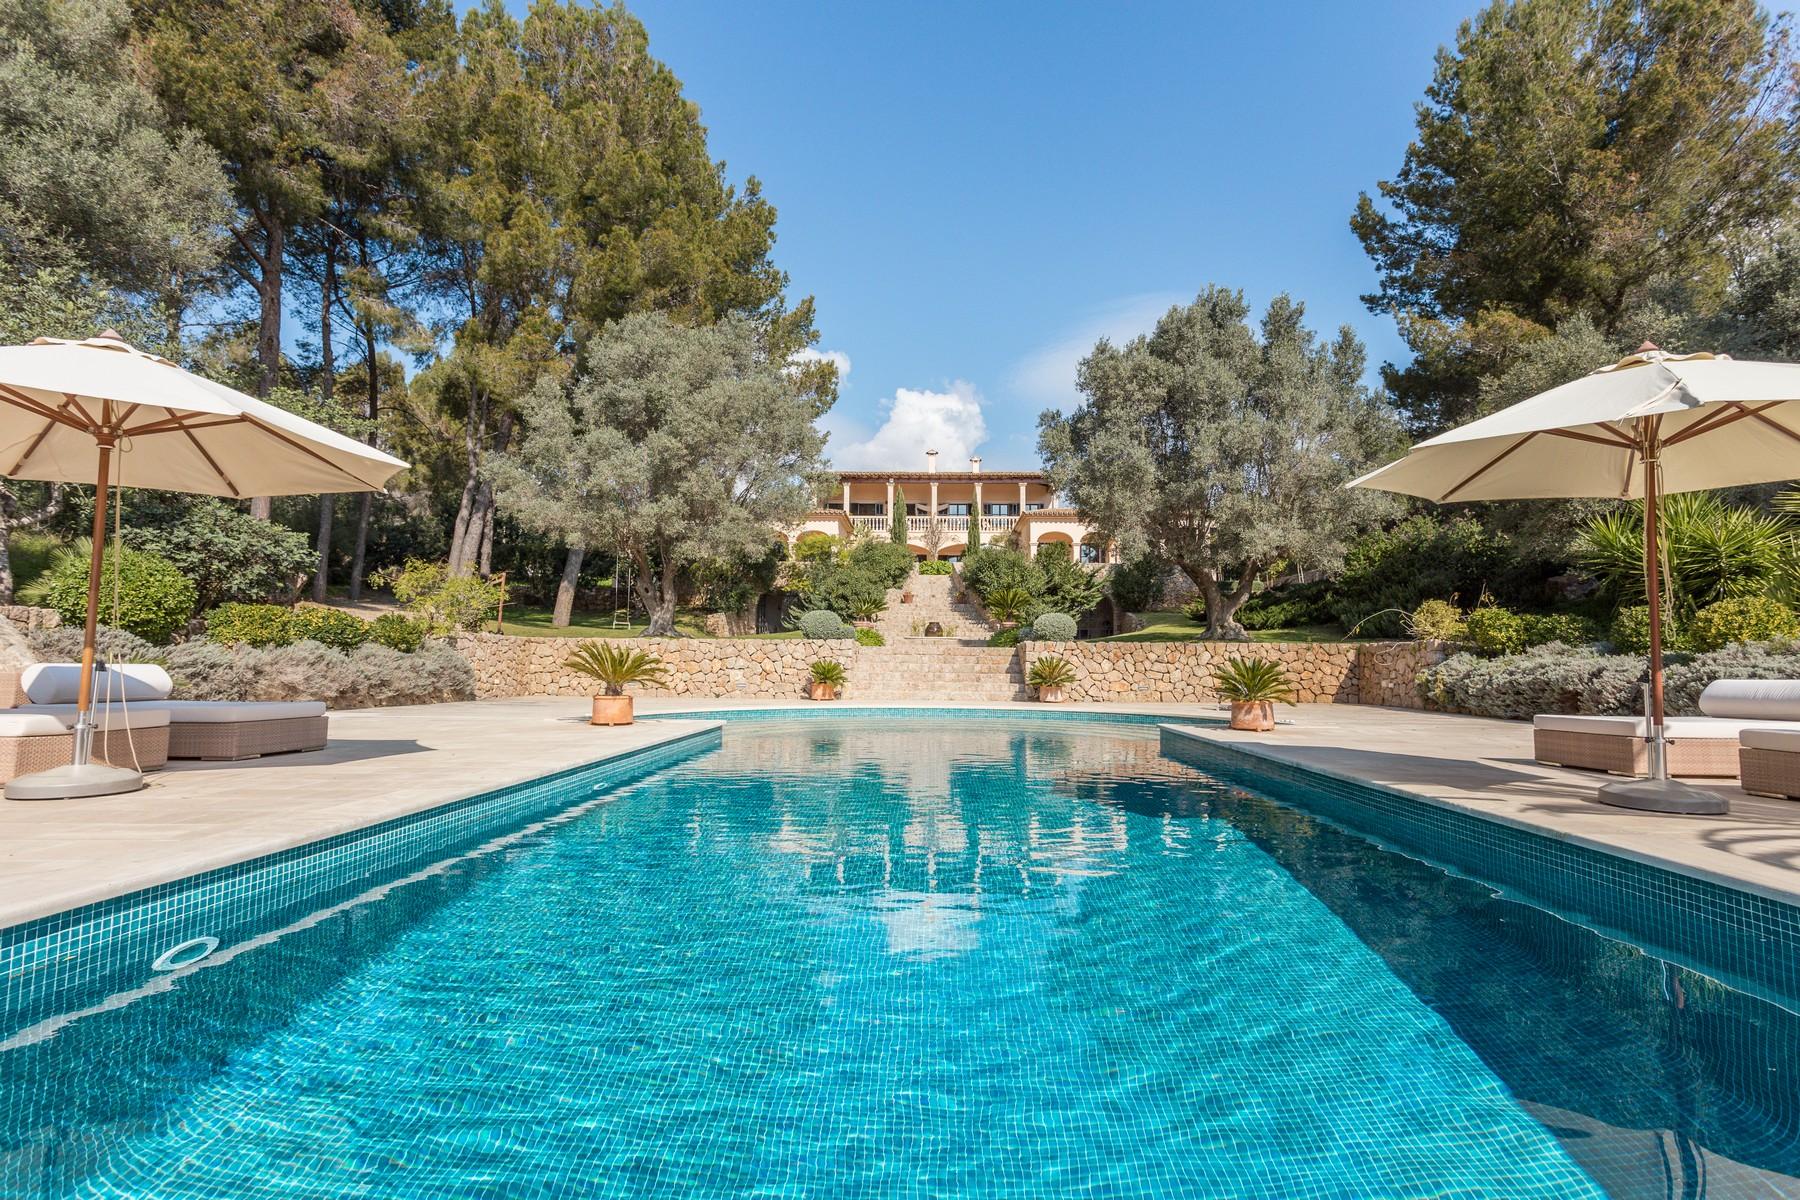 Casa Multifamiliar por un Venta en Elegance and character in peaceful Esporlas Esporles, Mallorca, 07190 España